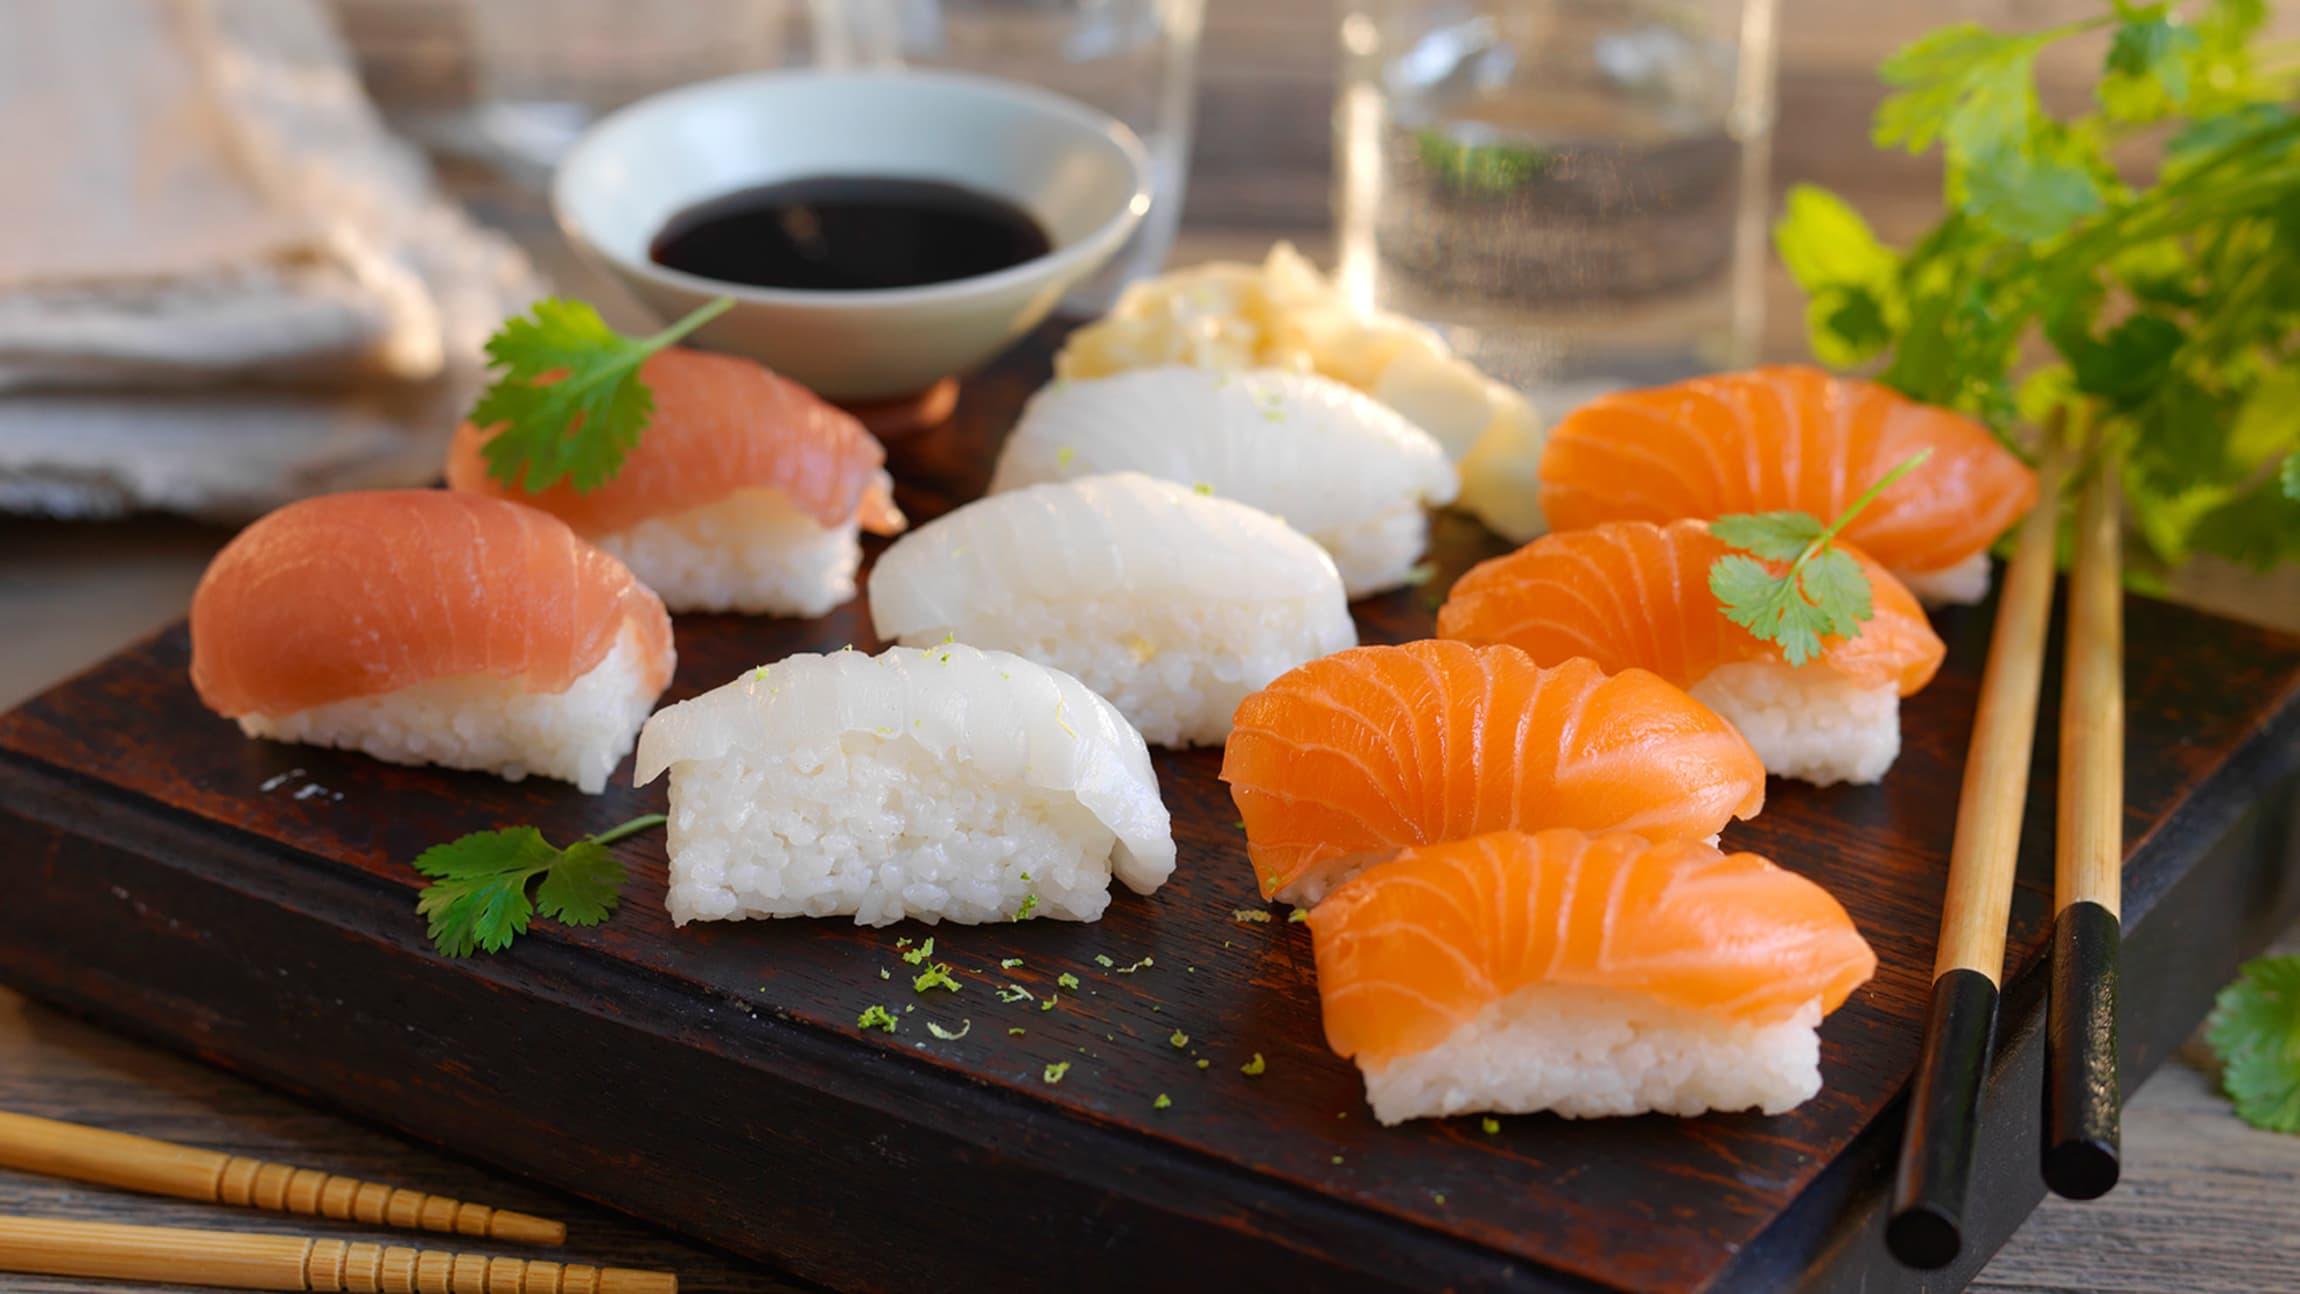 Frøyas lakseloin passer utmerket til sushi